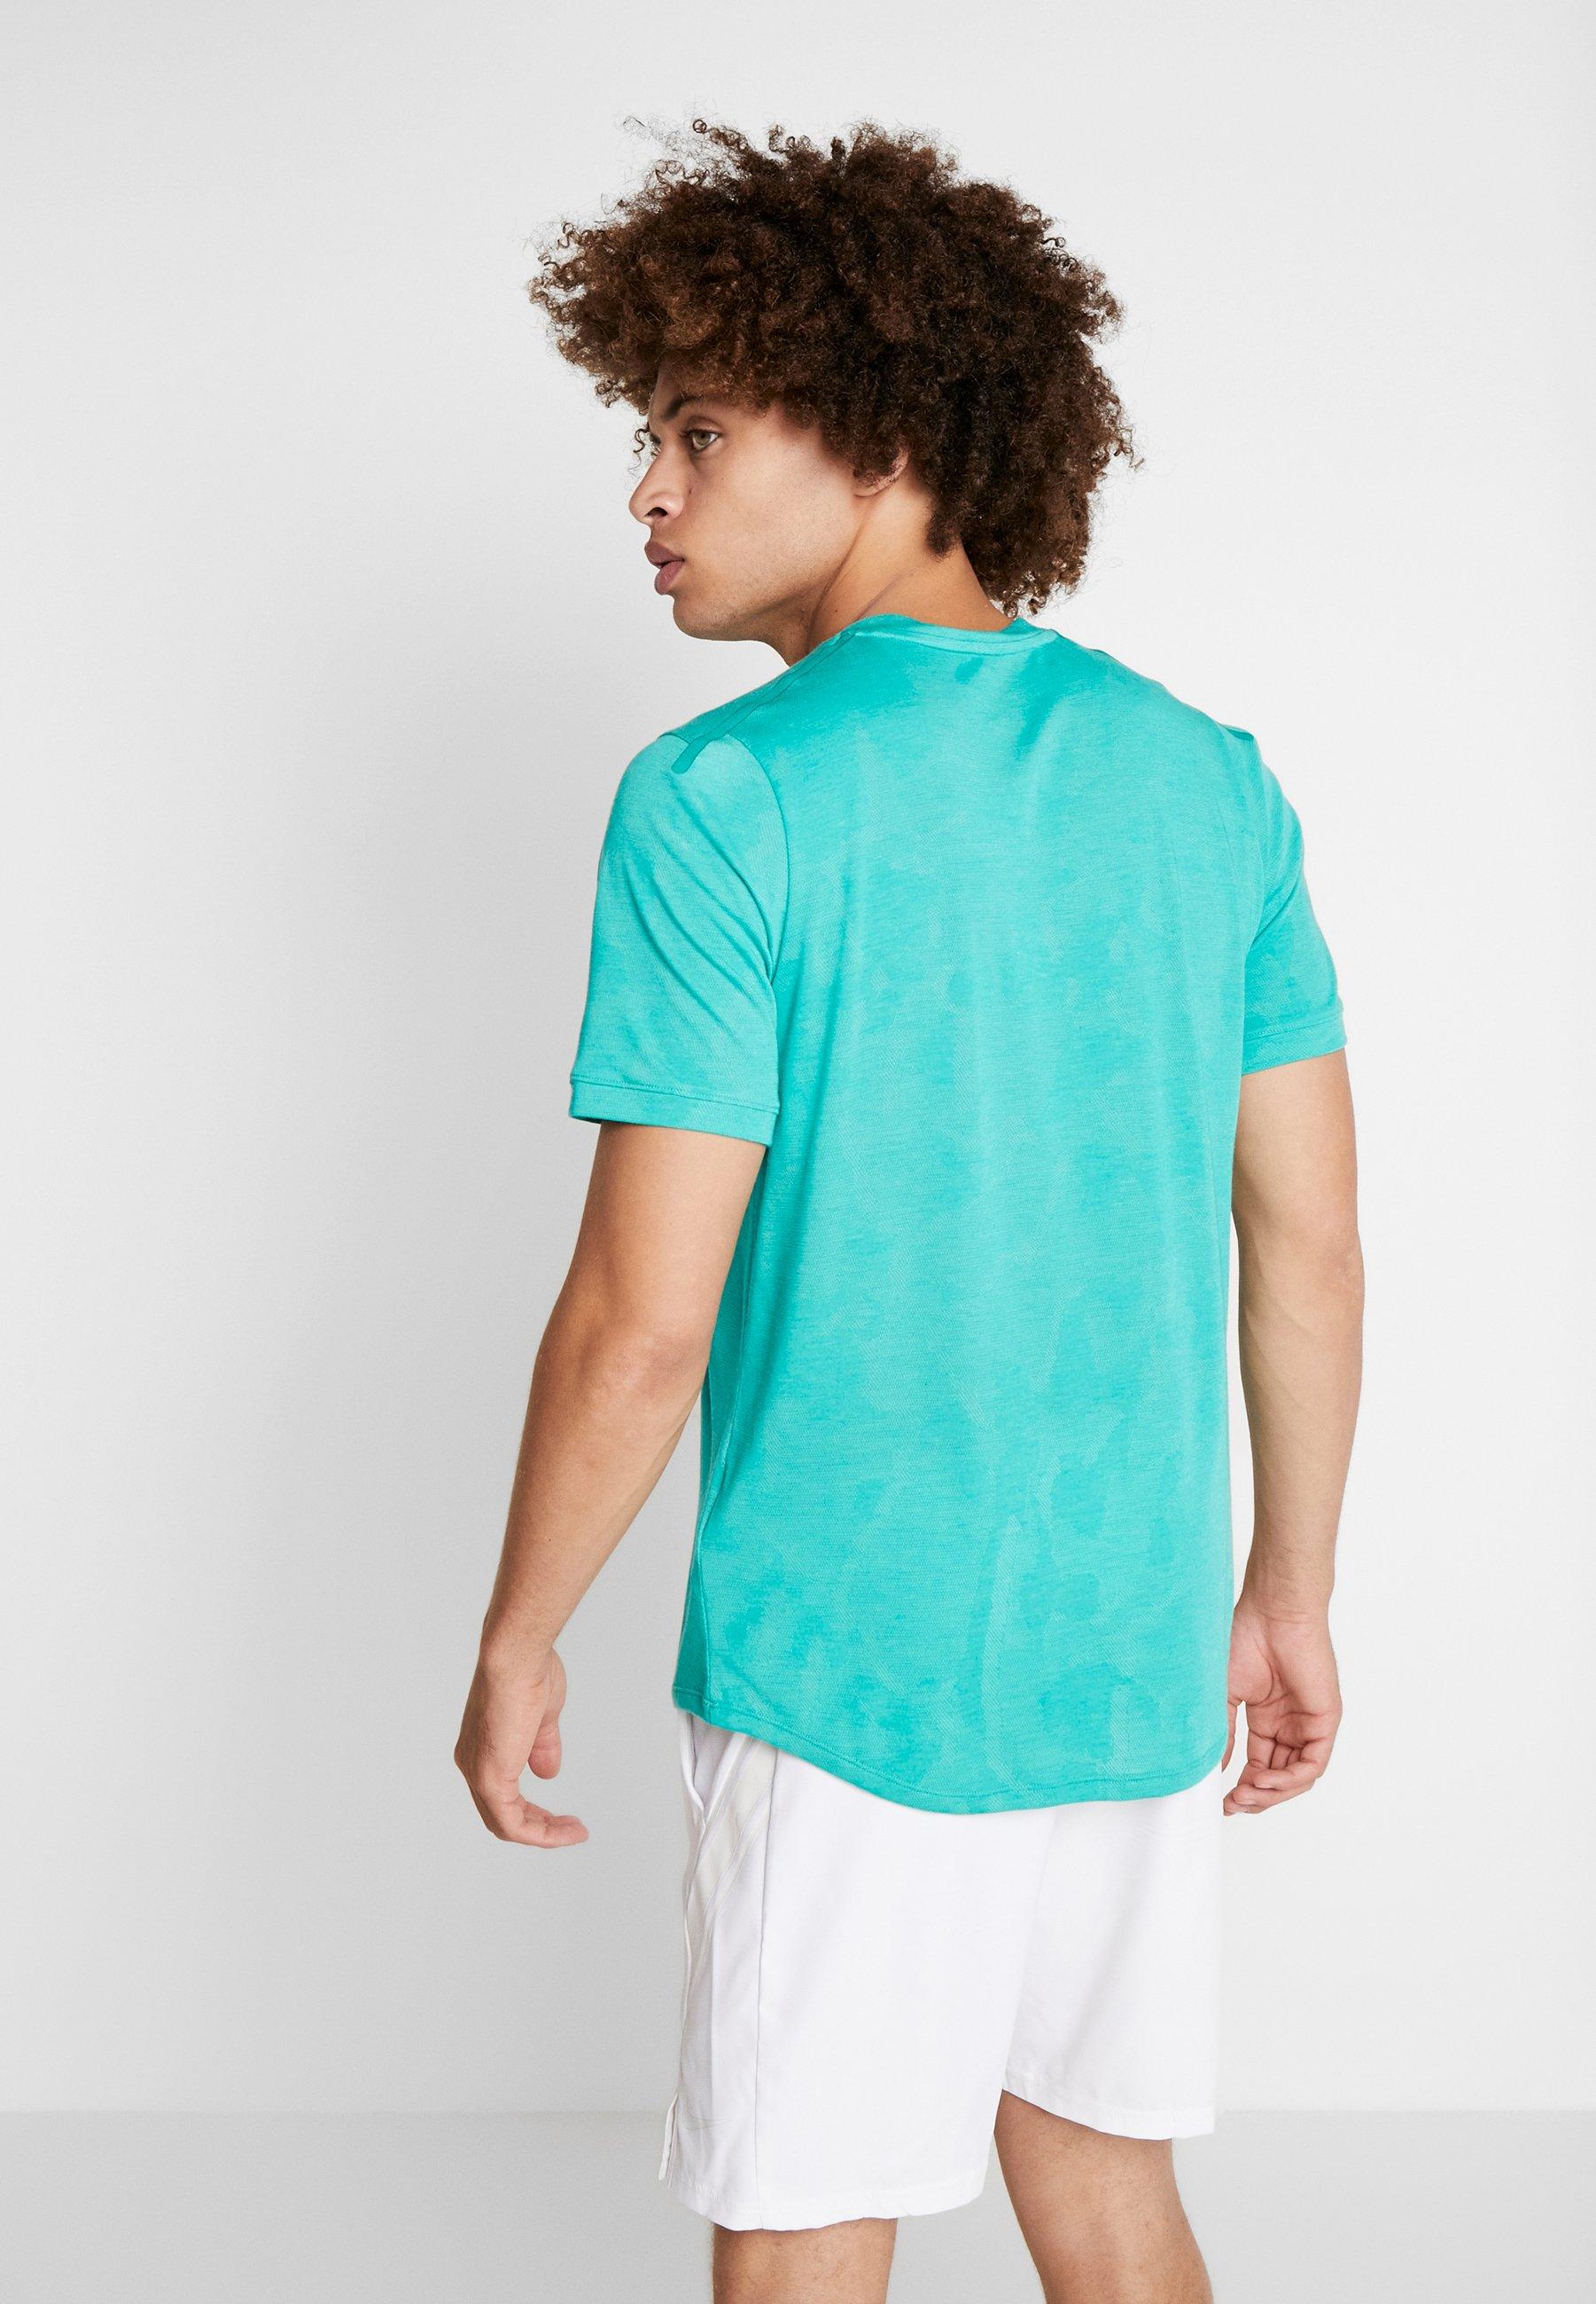 Green Performance white shirt Neptune Nike Basic DryT thrsdxQC